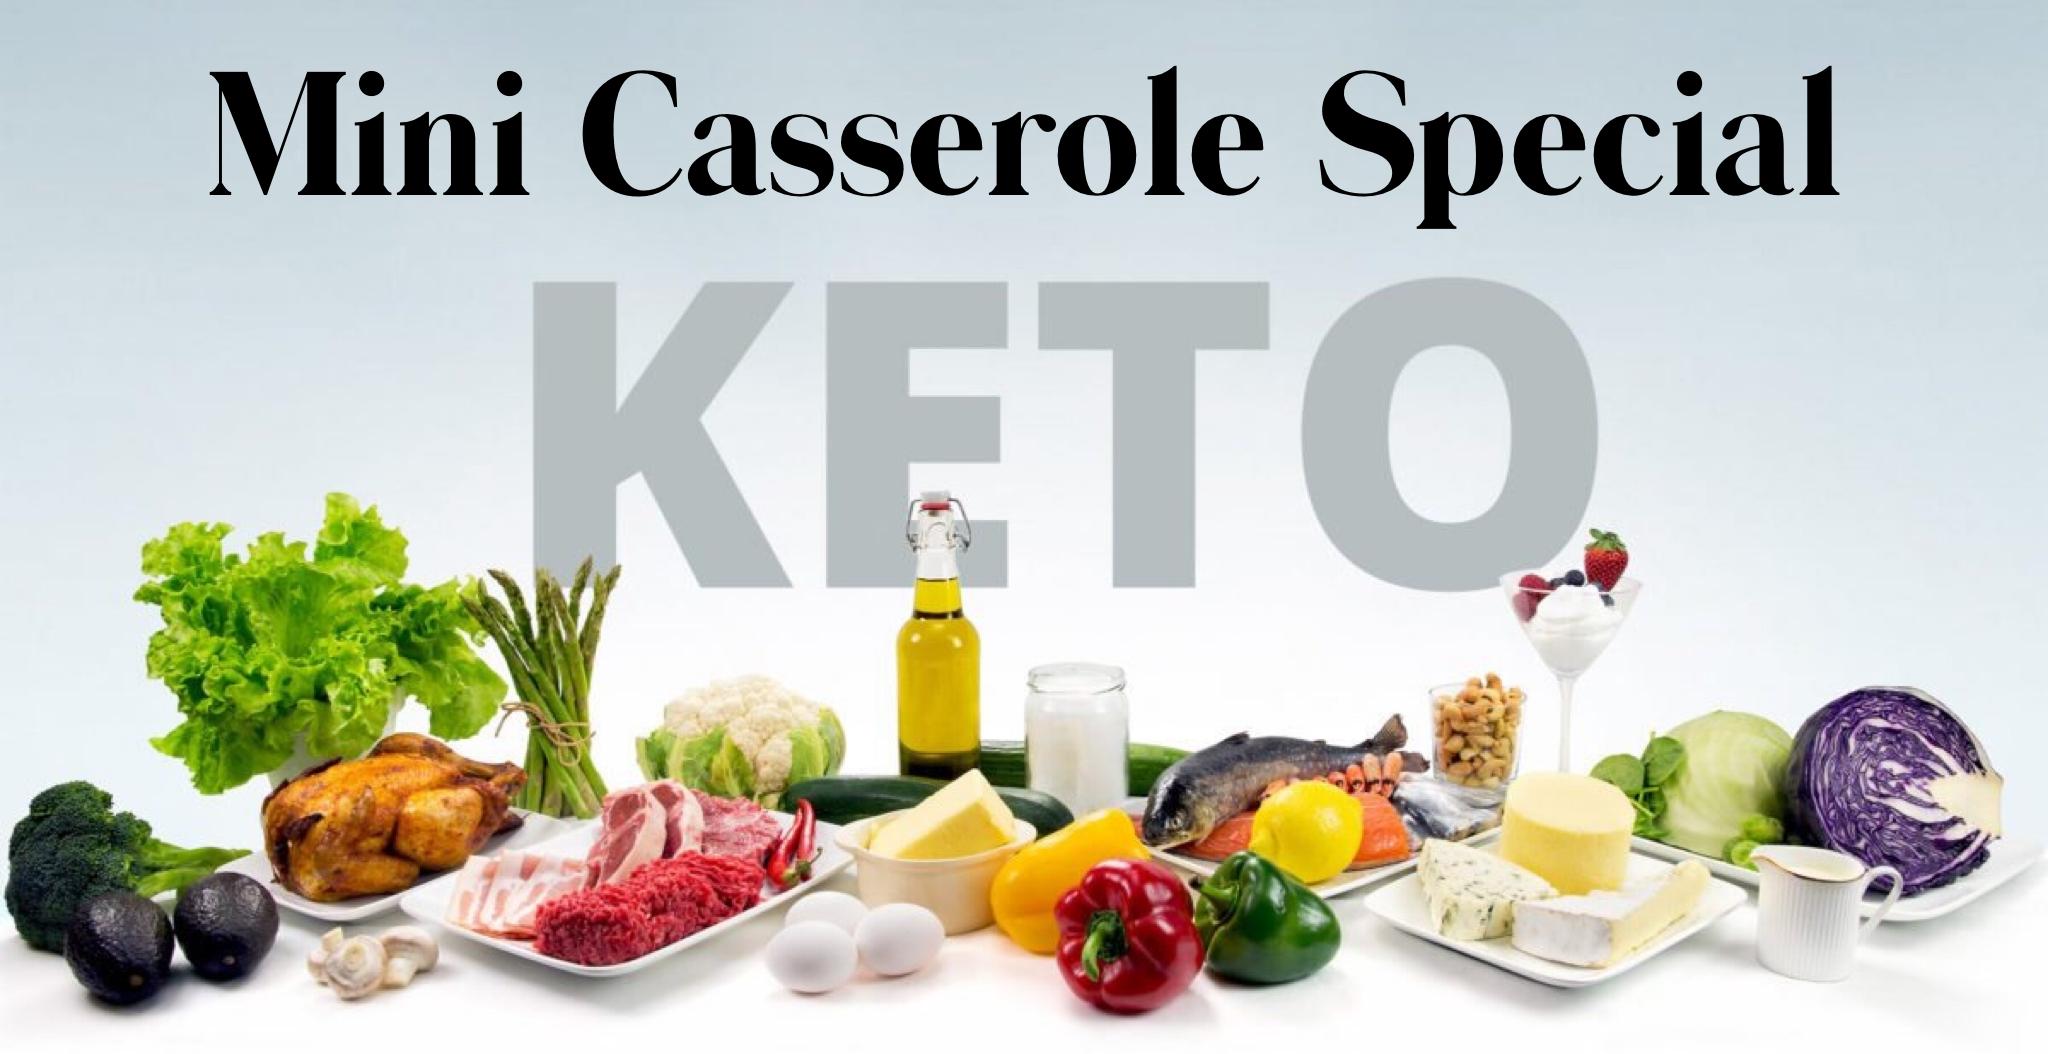 Mini Keto Casserole.png